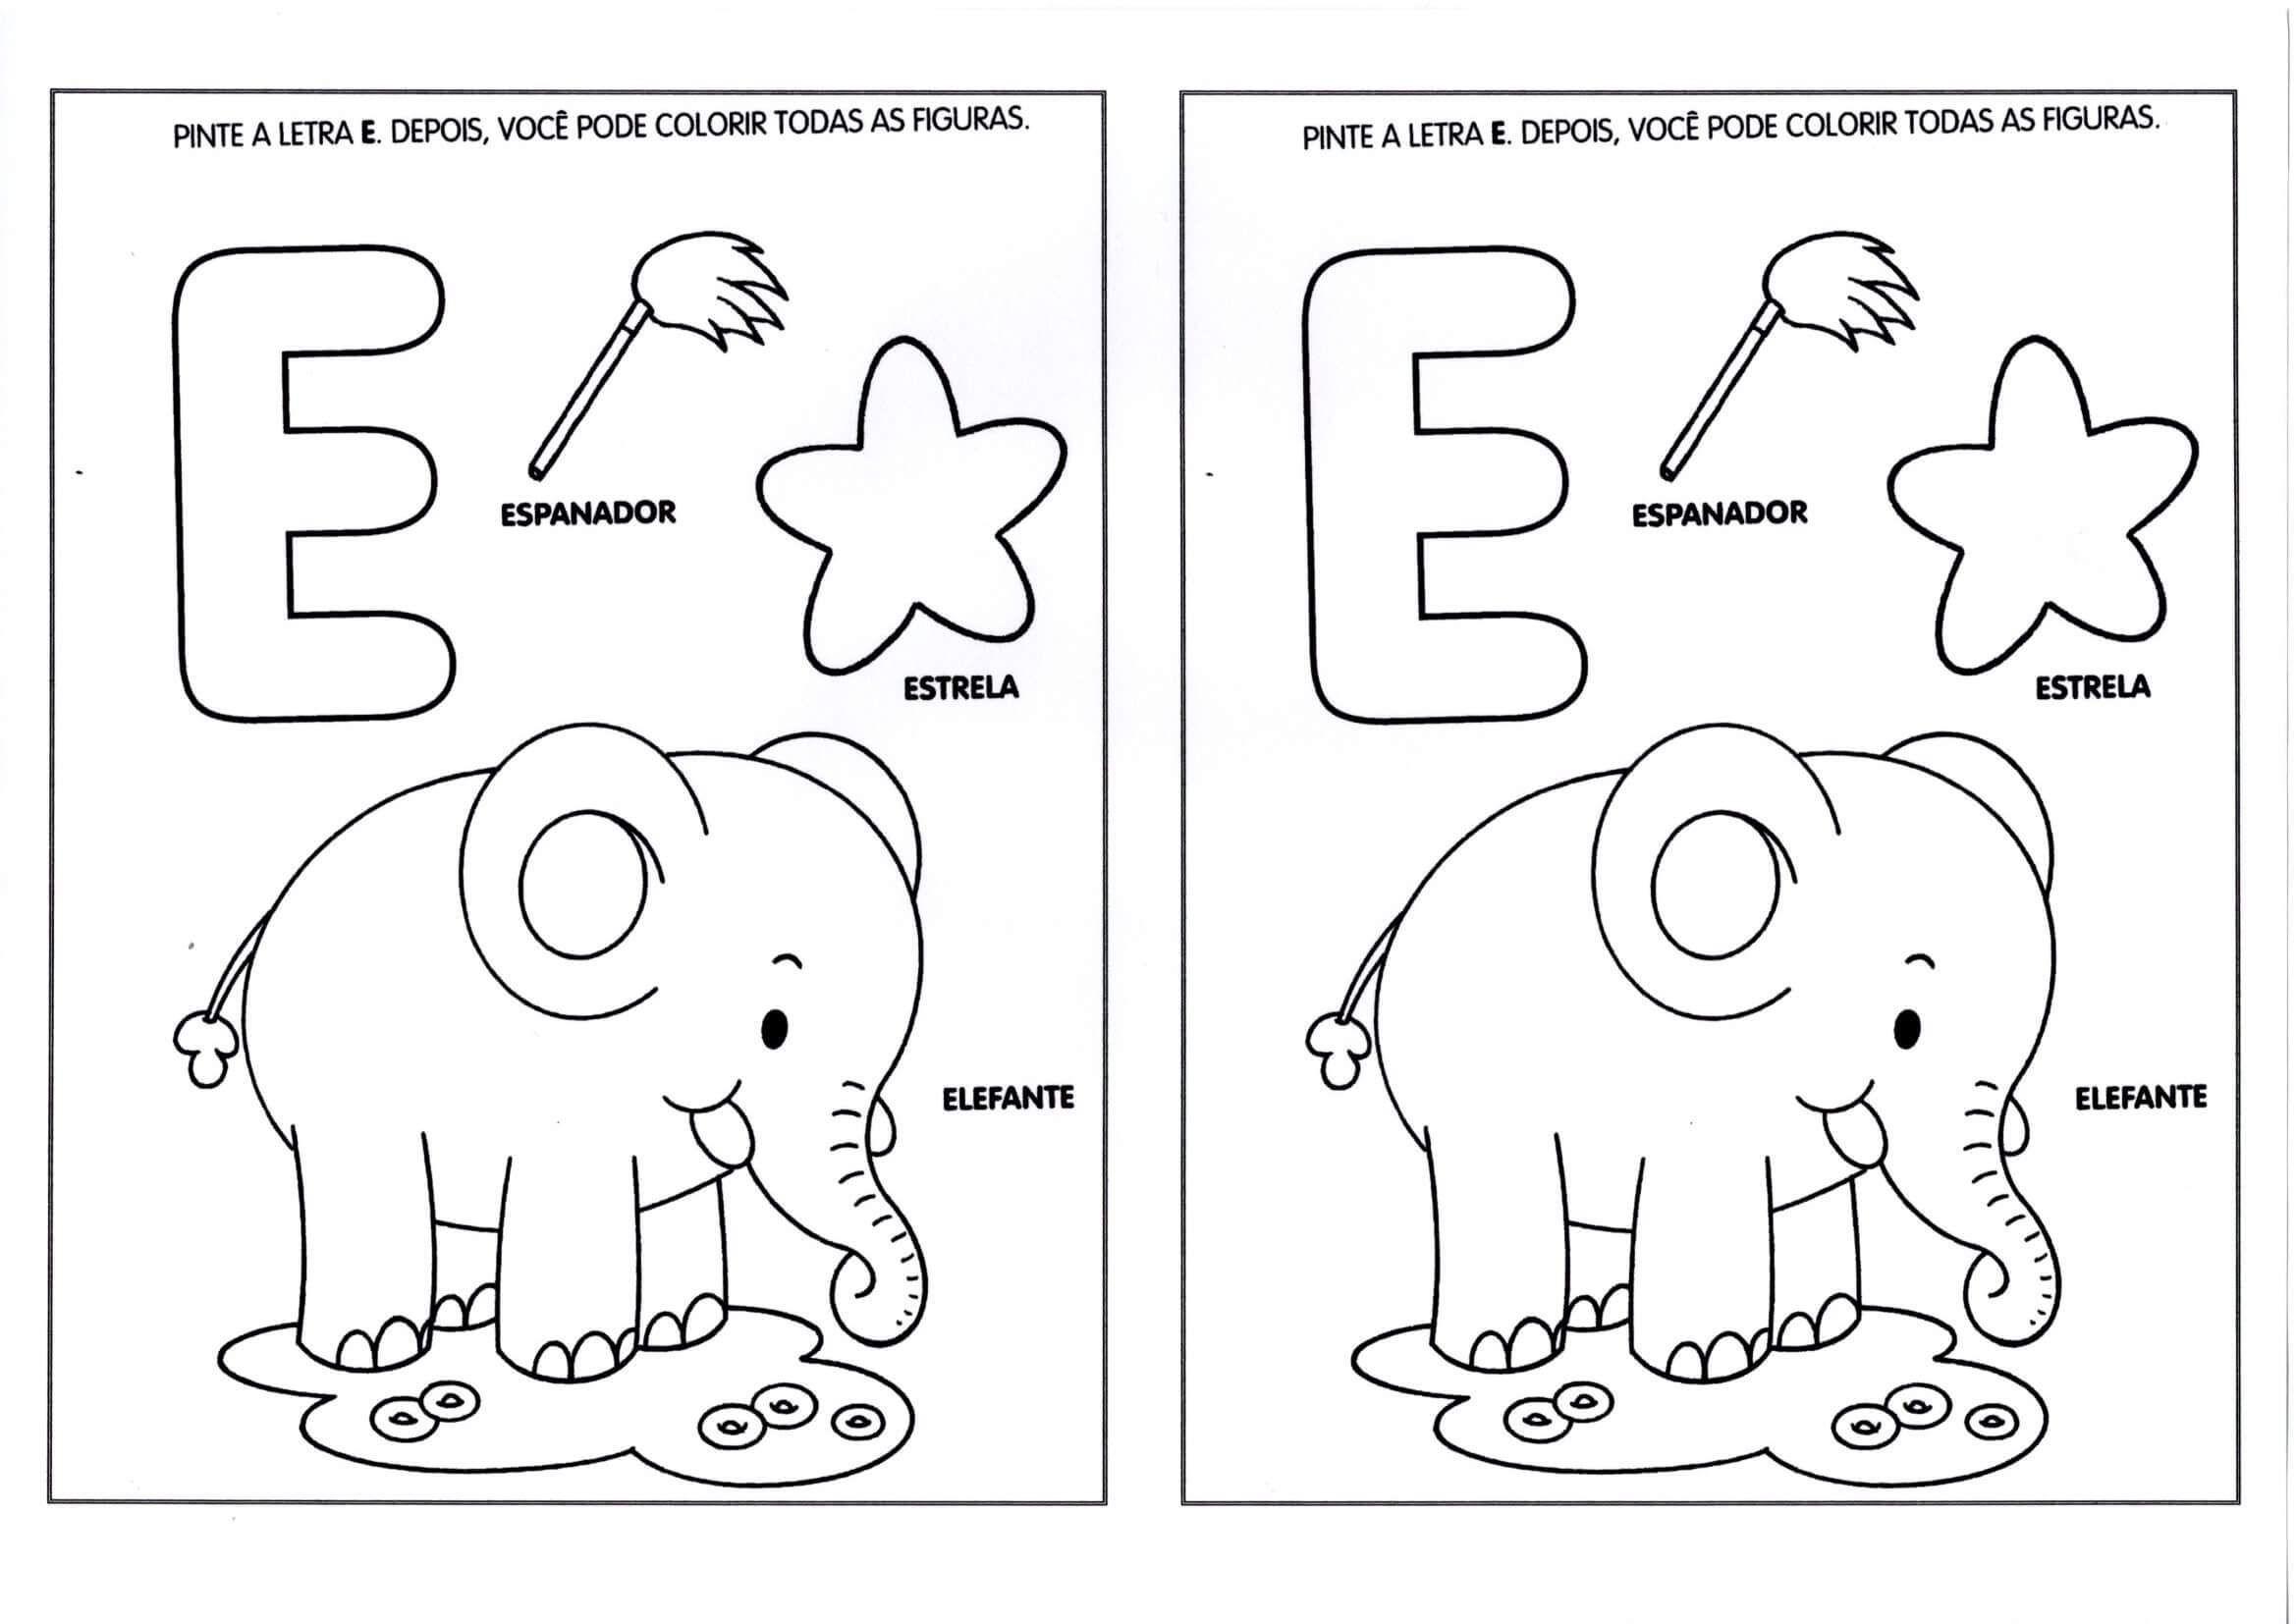 Vogais Pinte A Letra E As Figuras Com Imagens Atividades